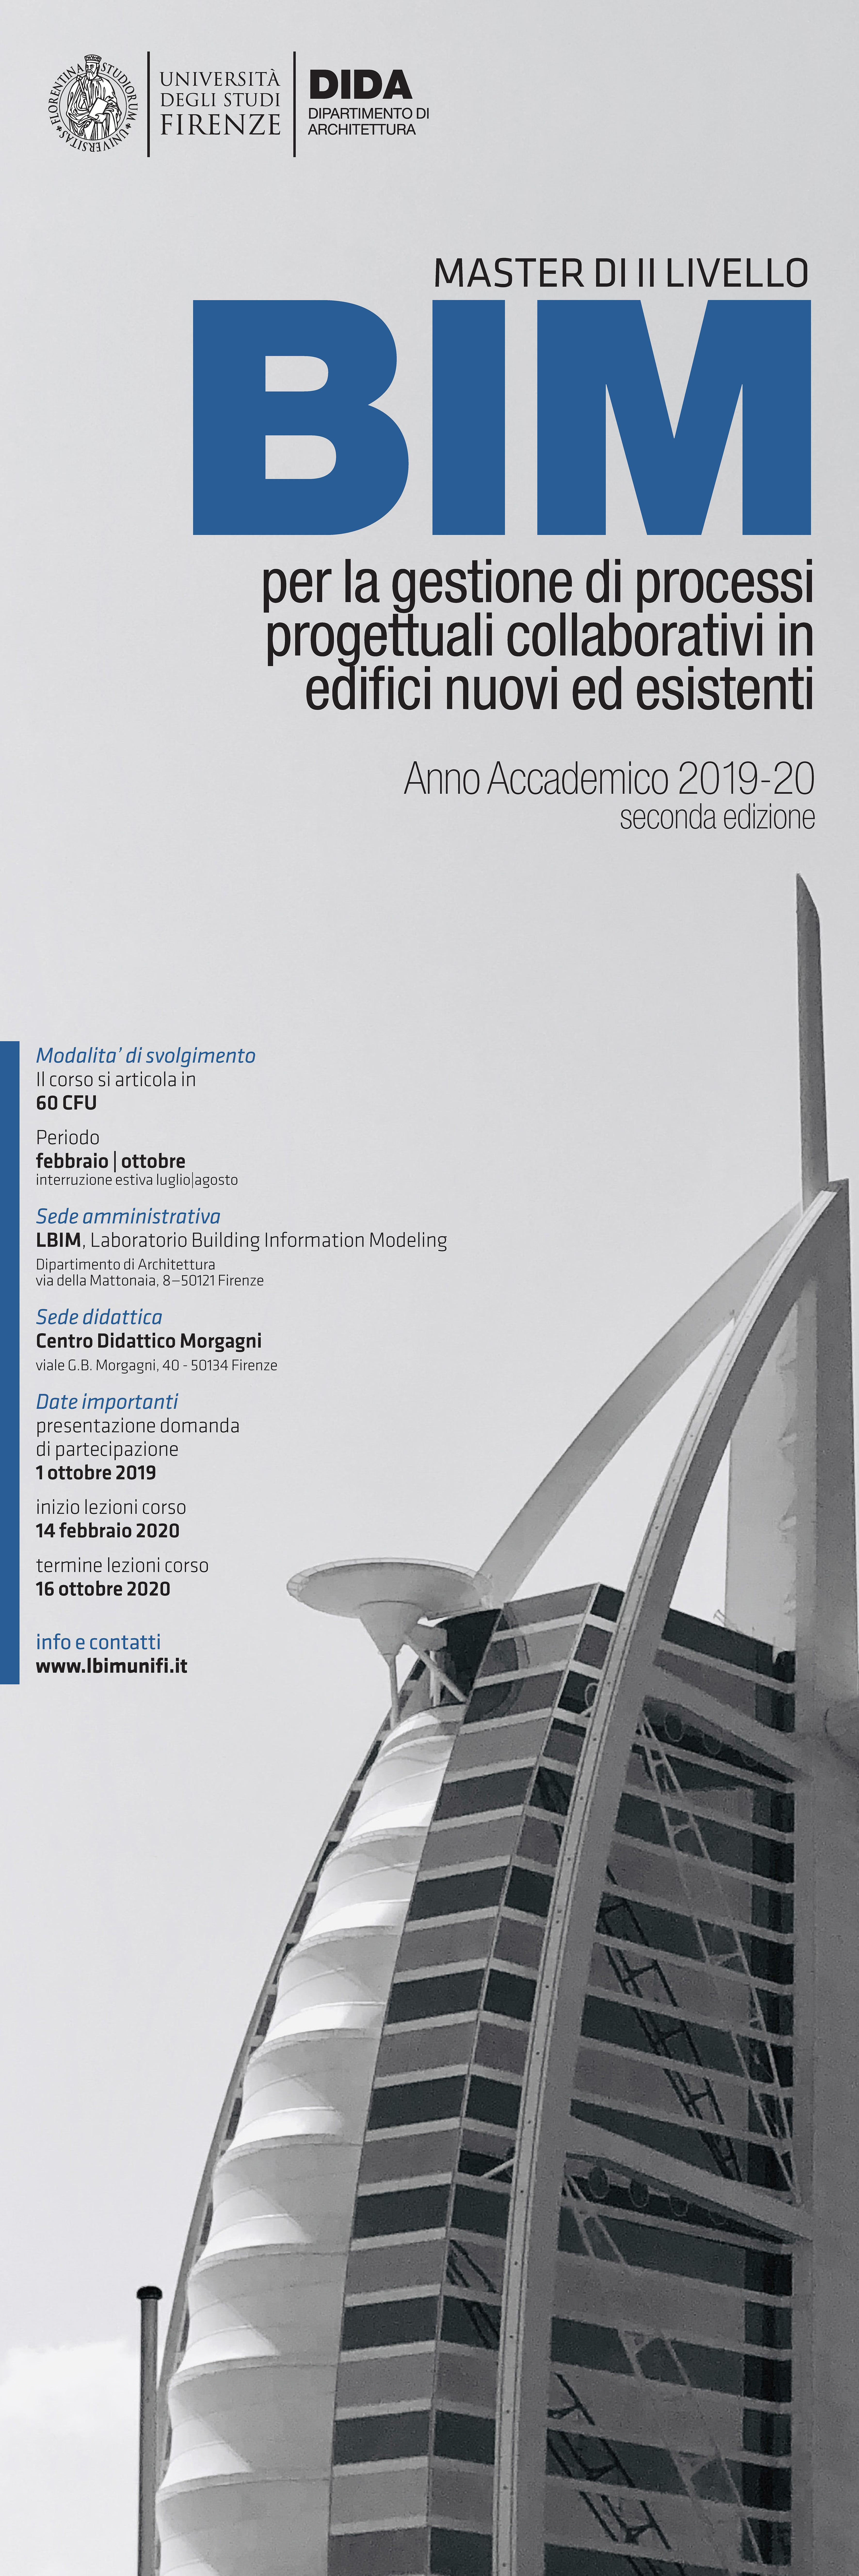 Calendario Tesi Unifi Architettura.Dida Dipartimento Di Architettura Unifi